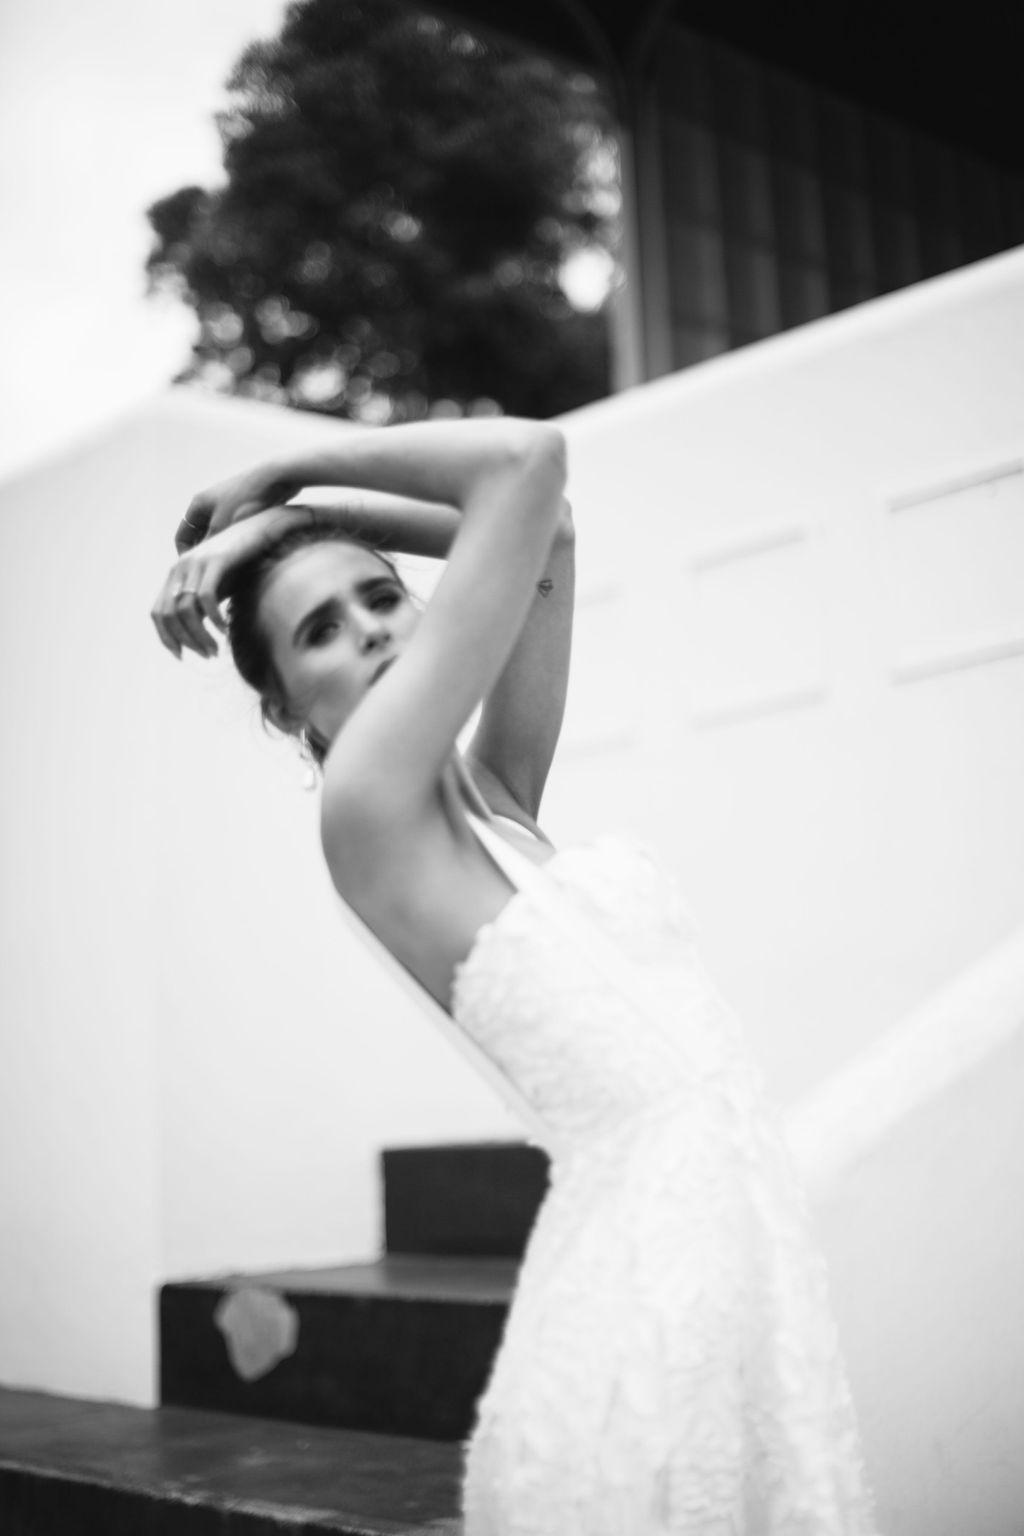 bridal-and-wedding-earrings-elwood-modern-gold-hanging-pearl-bridal-earrings-77.jpg